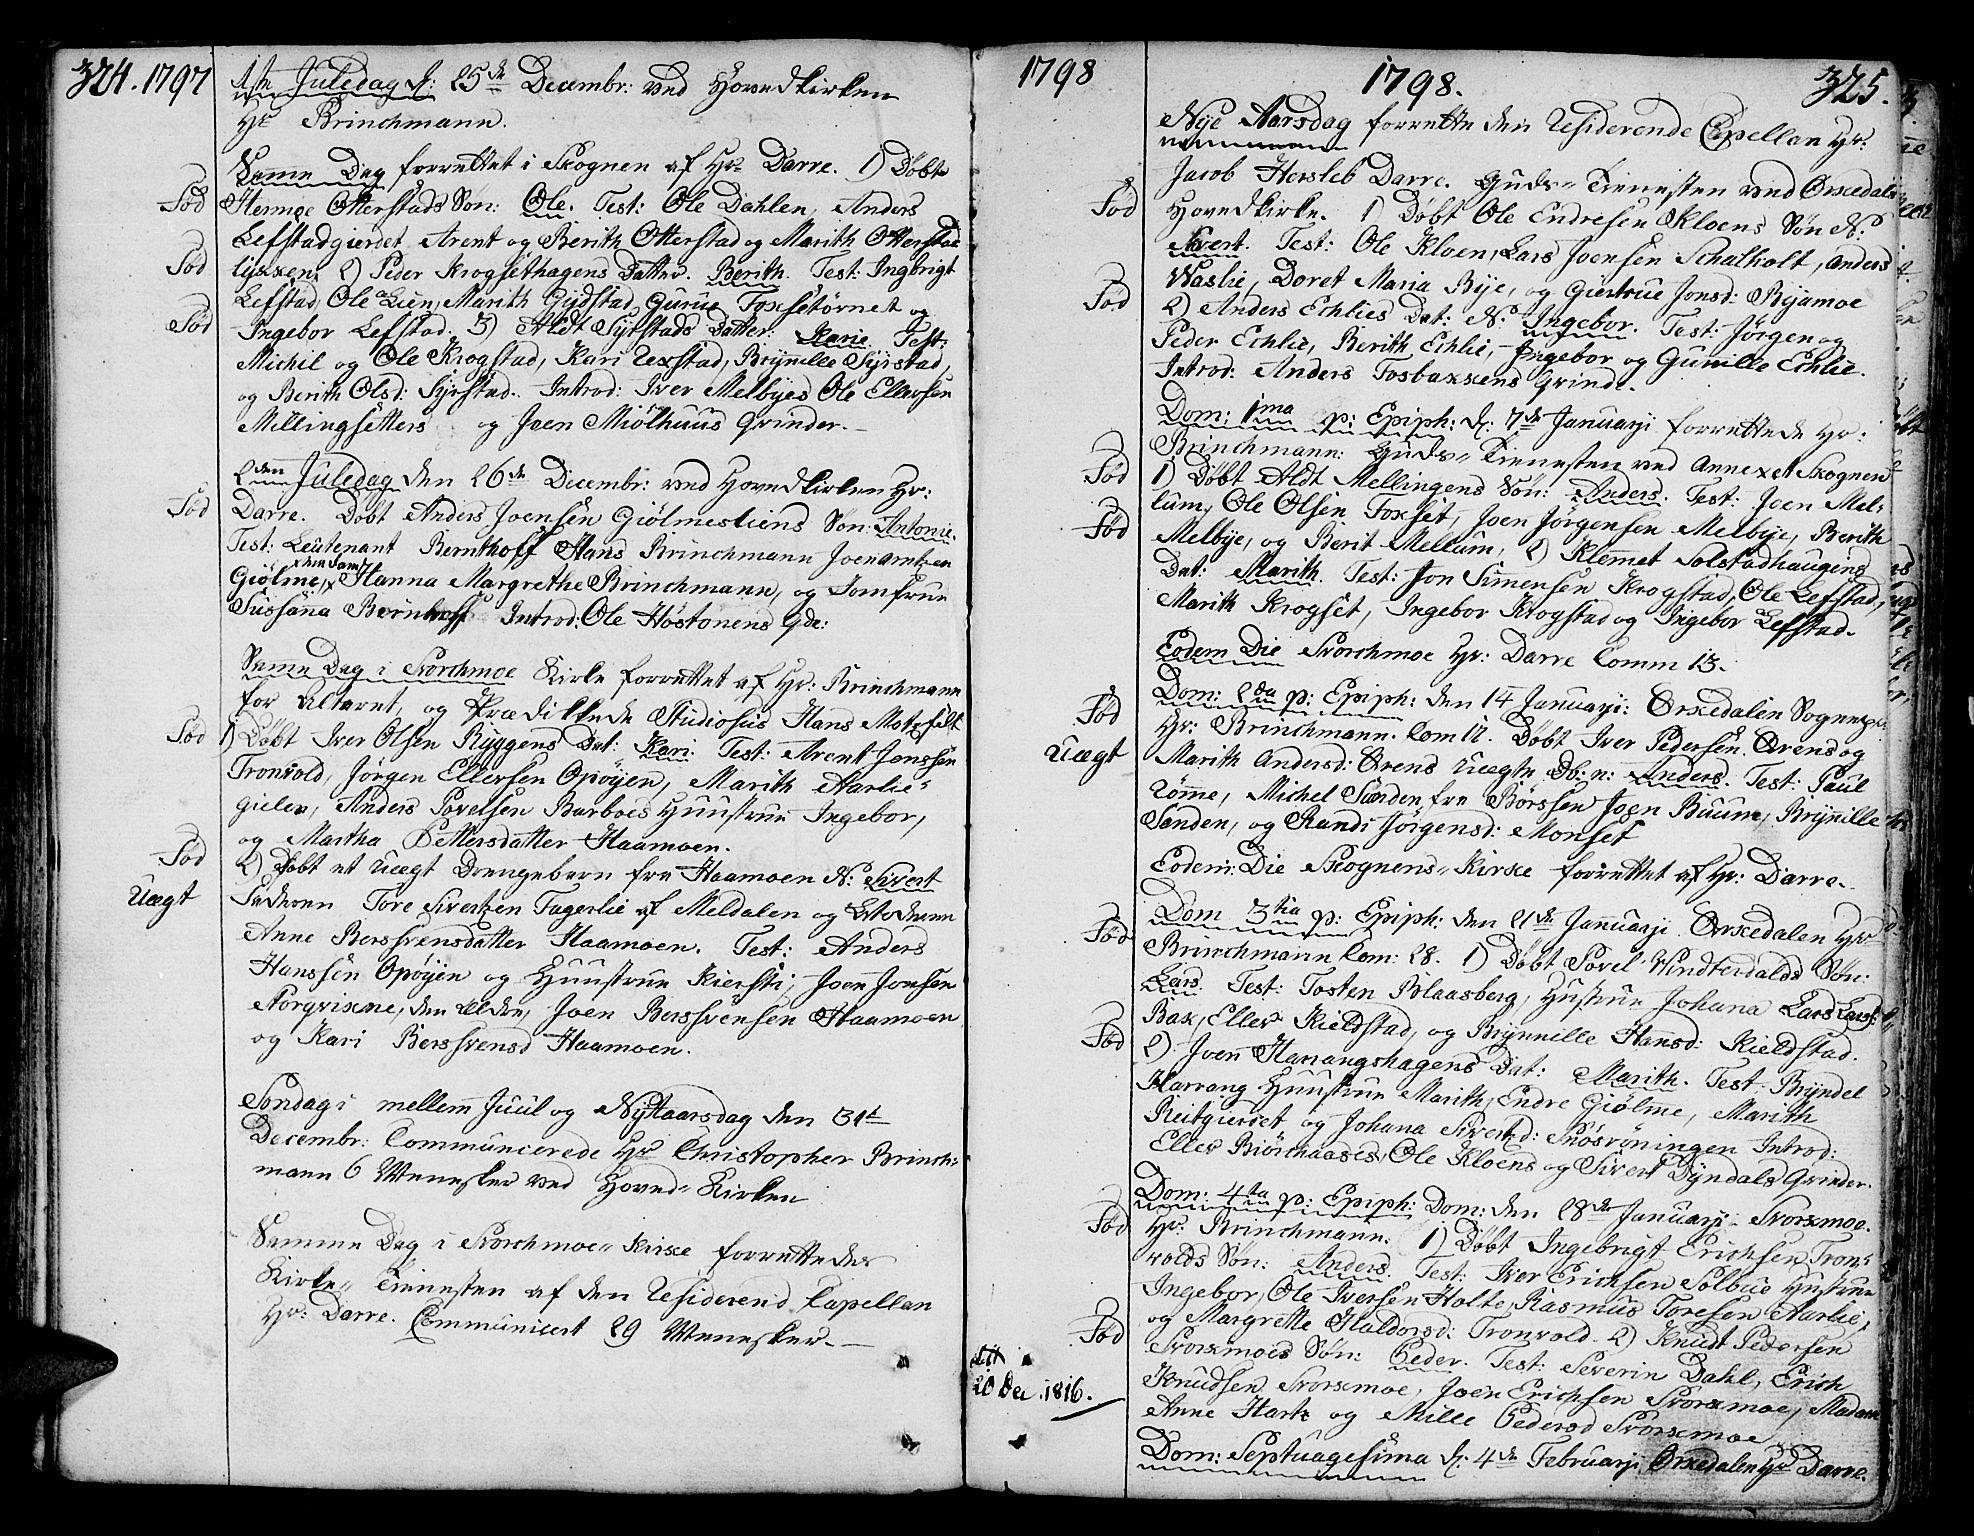 SAT, Ministerialprotokoller, klokkerbøker og fødselsregistre - Sør-Trøndelag, 668/L0802: Ministerialbok nr. 668A02, 1776-1799, s. 324-325